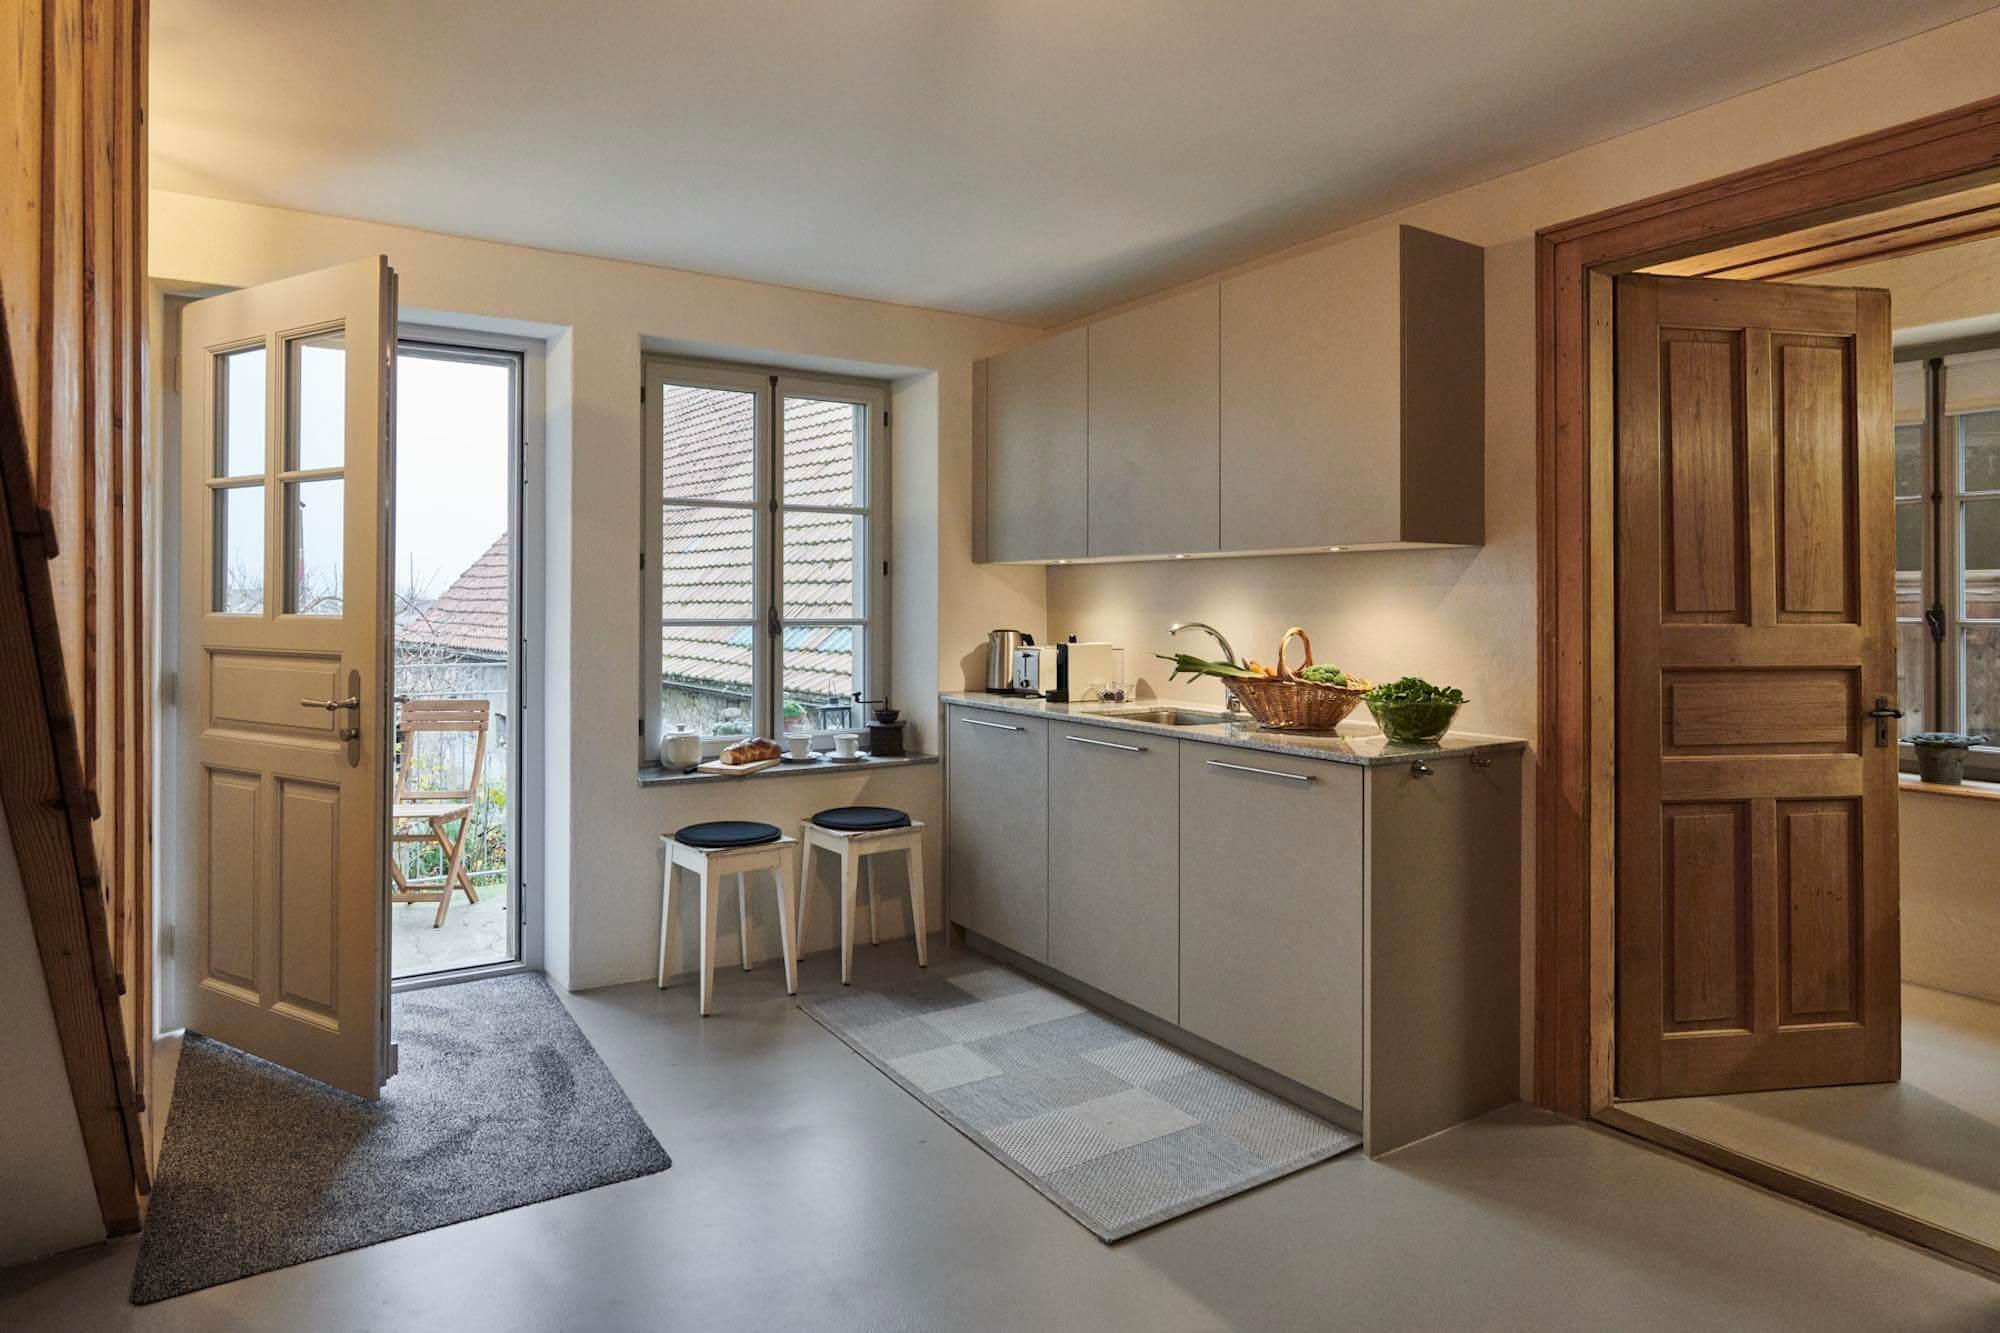 Küche mit fugenloser Wandbeschichtung durch die Viktor Wyss AG in Flumenthal, Solothurn